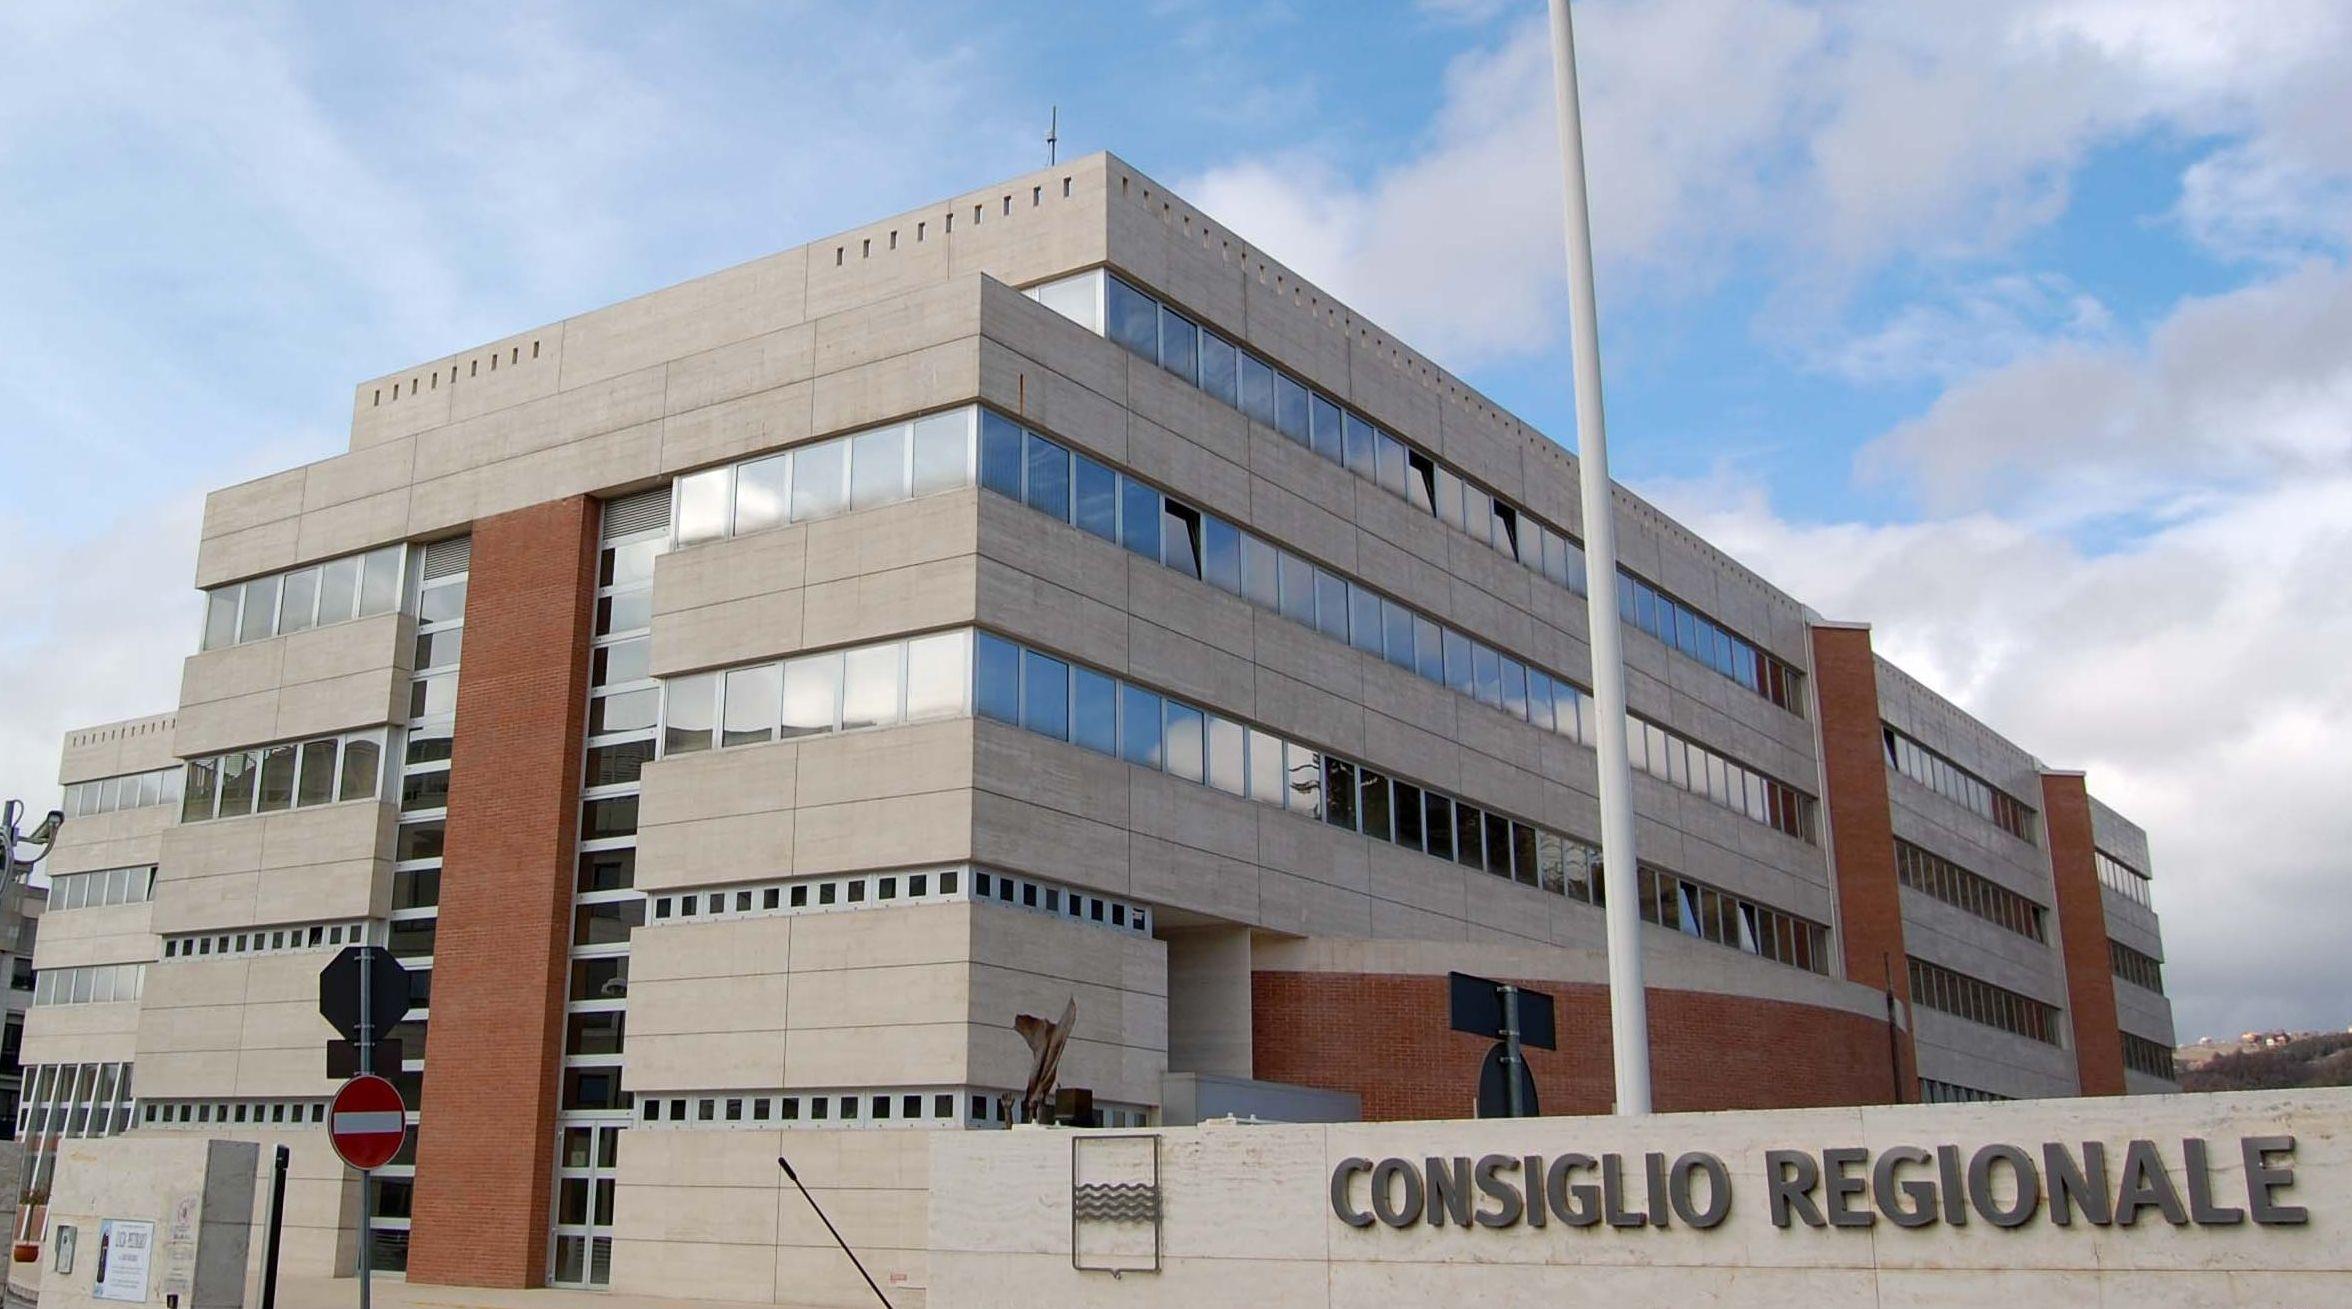 Consiglio-regionale-Basilicata-e1412930888443